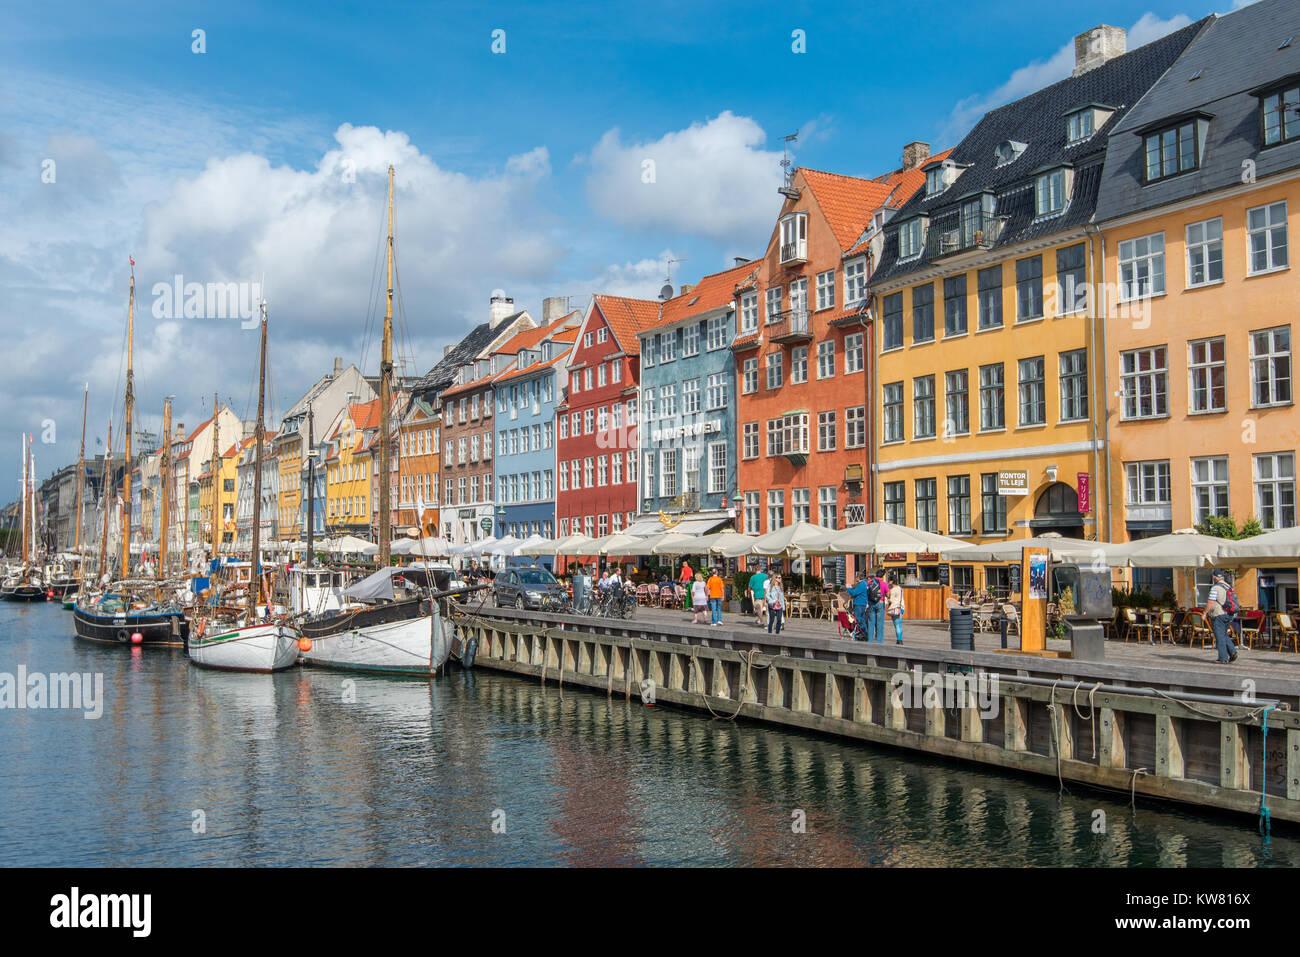 Nyhavn, un barrio portuario del siglo XVII en el centro de Copenhagen, y actualmente una atracción turística popular waterfront y el distrito de entretenimiento. Foto de stock